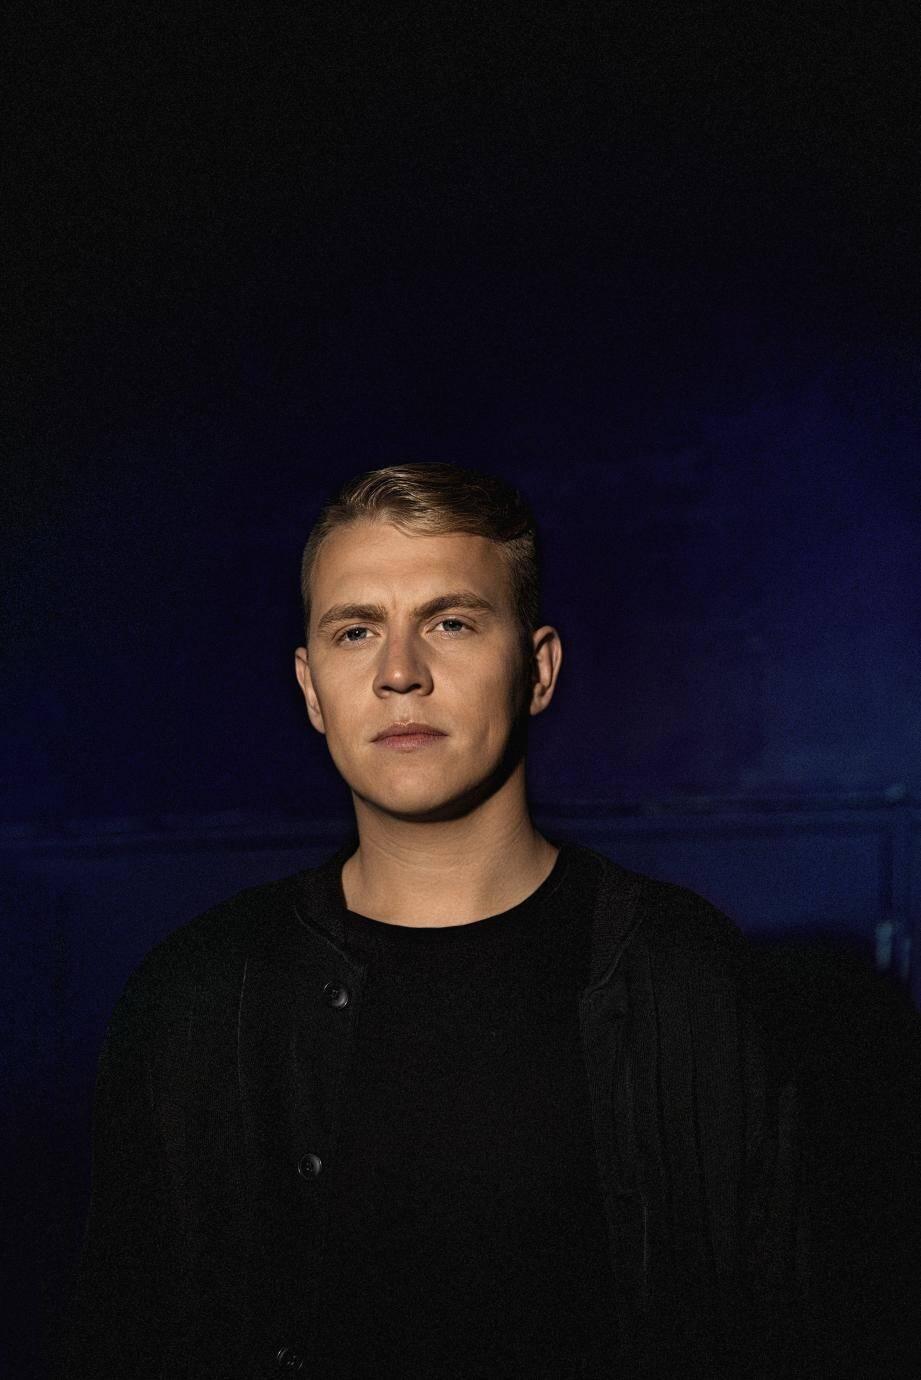 Si Martin Jensen sort de nulle part, le DJ danois sait où il veut aller.